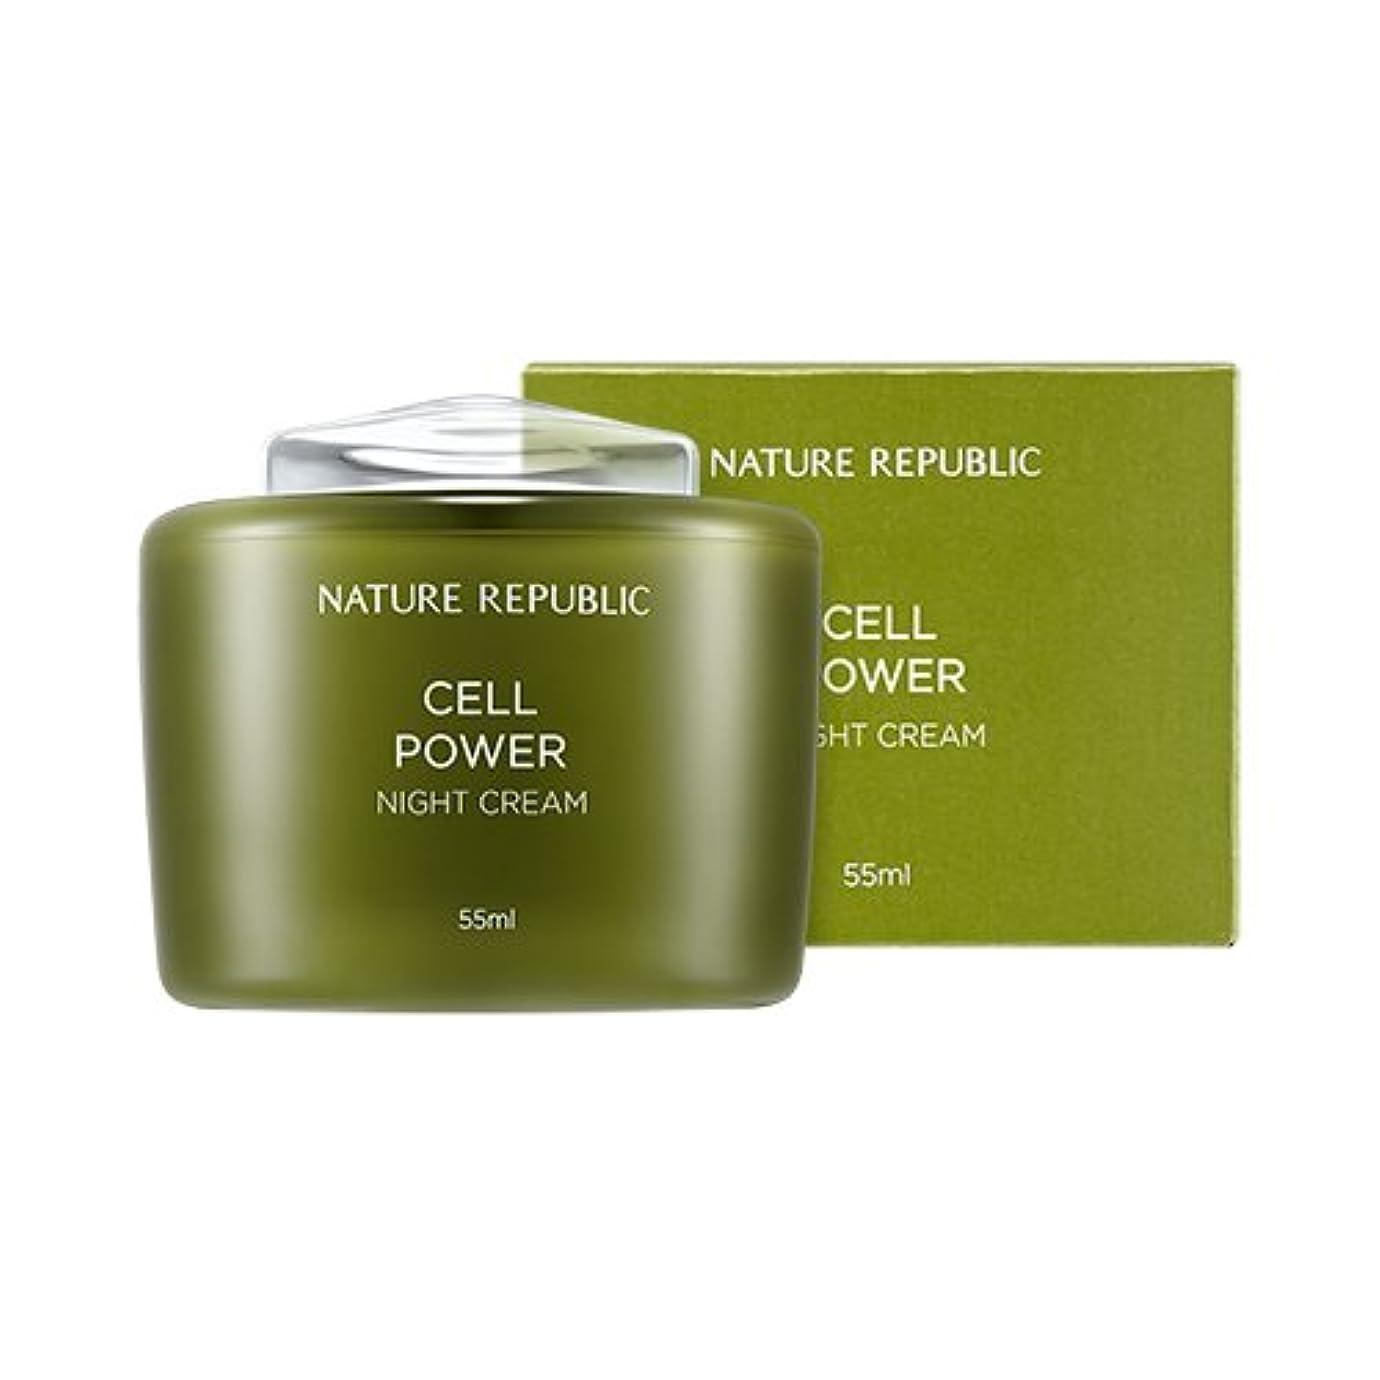 良性ペットアイスクリームNature Republic Cell Power Night Cream ネイチャーリパブリックセルパワーナイトクリーム [並行輸入品]